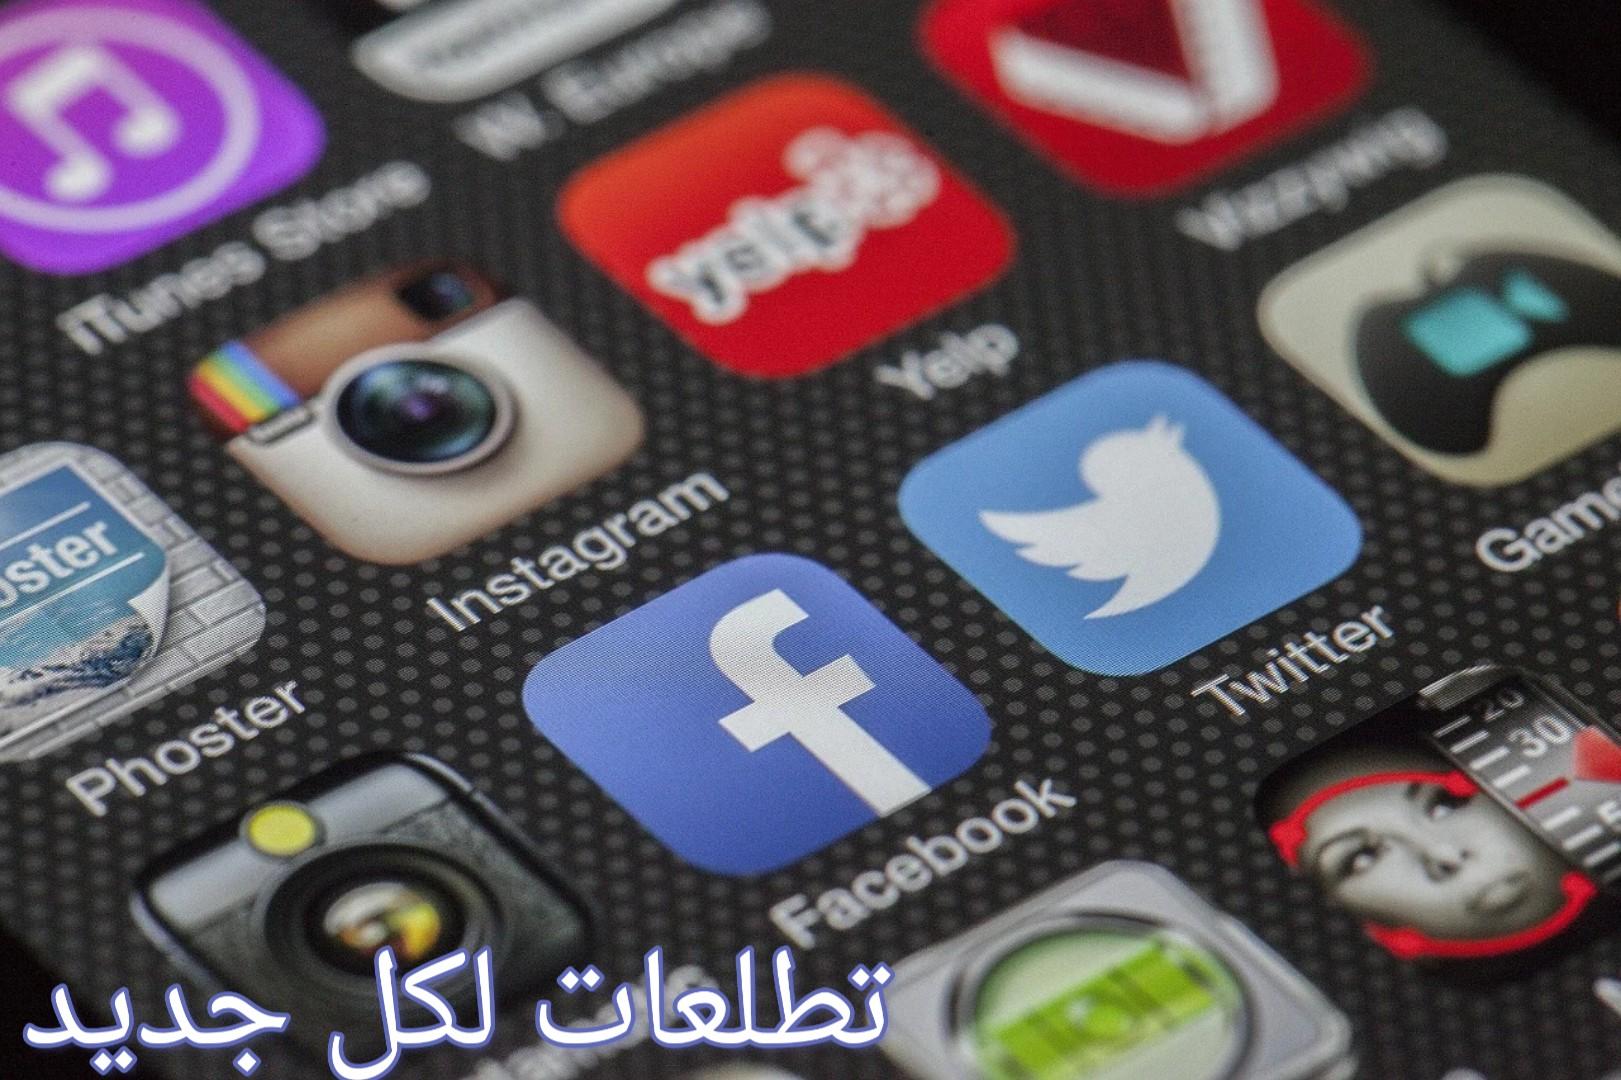 8 حقائق عن فيسبوك بين المميزات و الأضرار